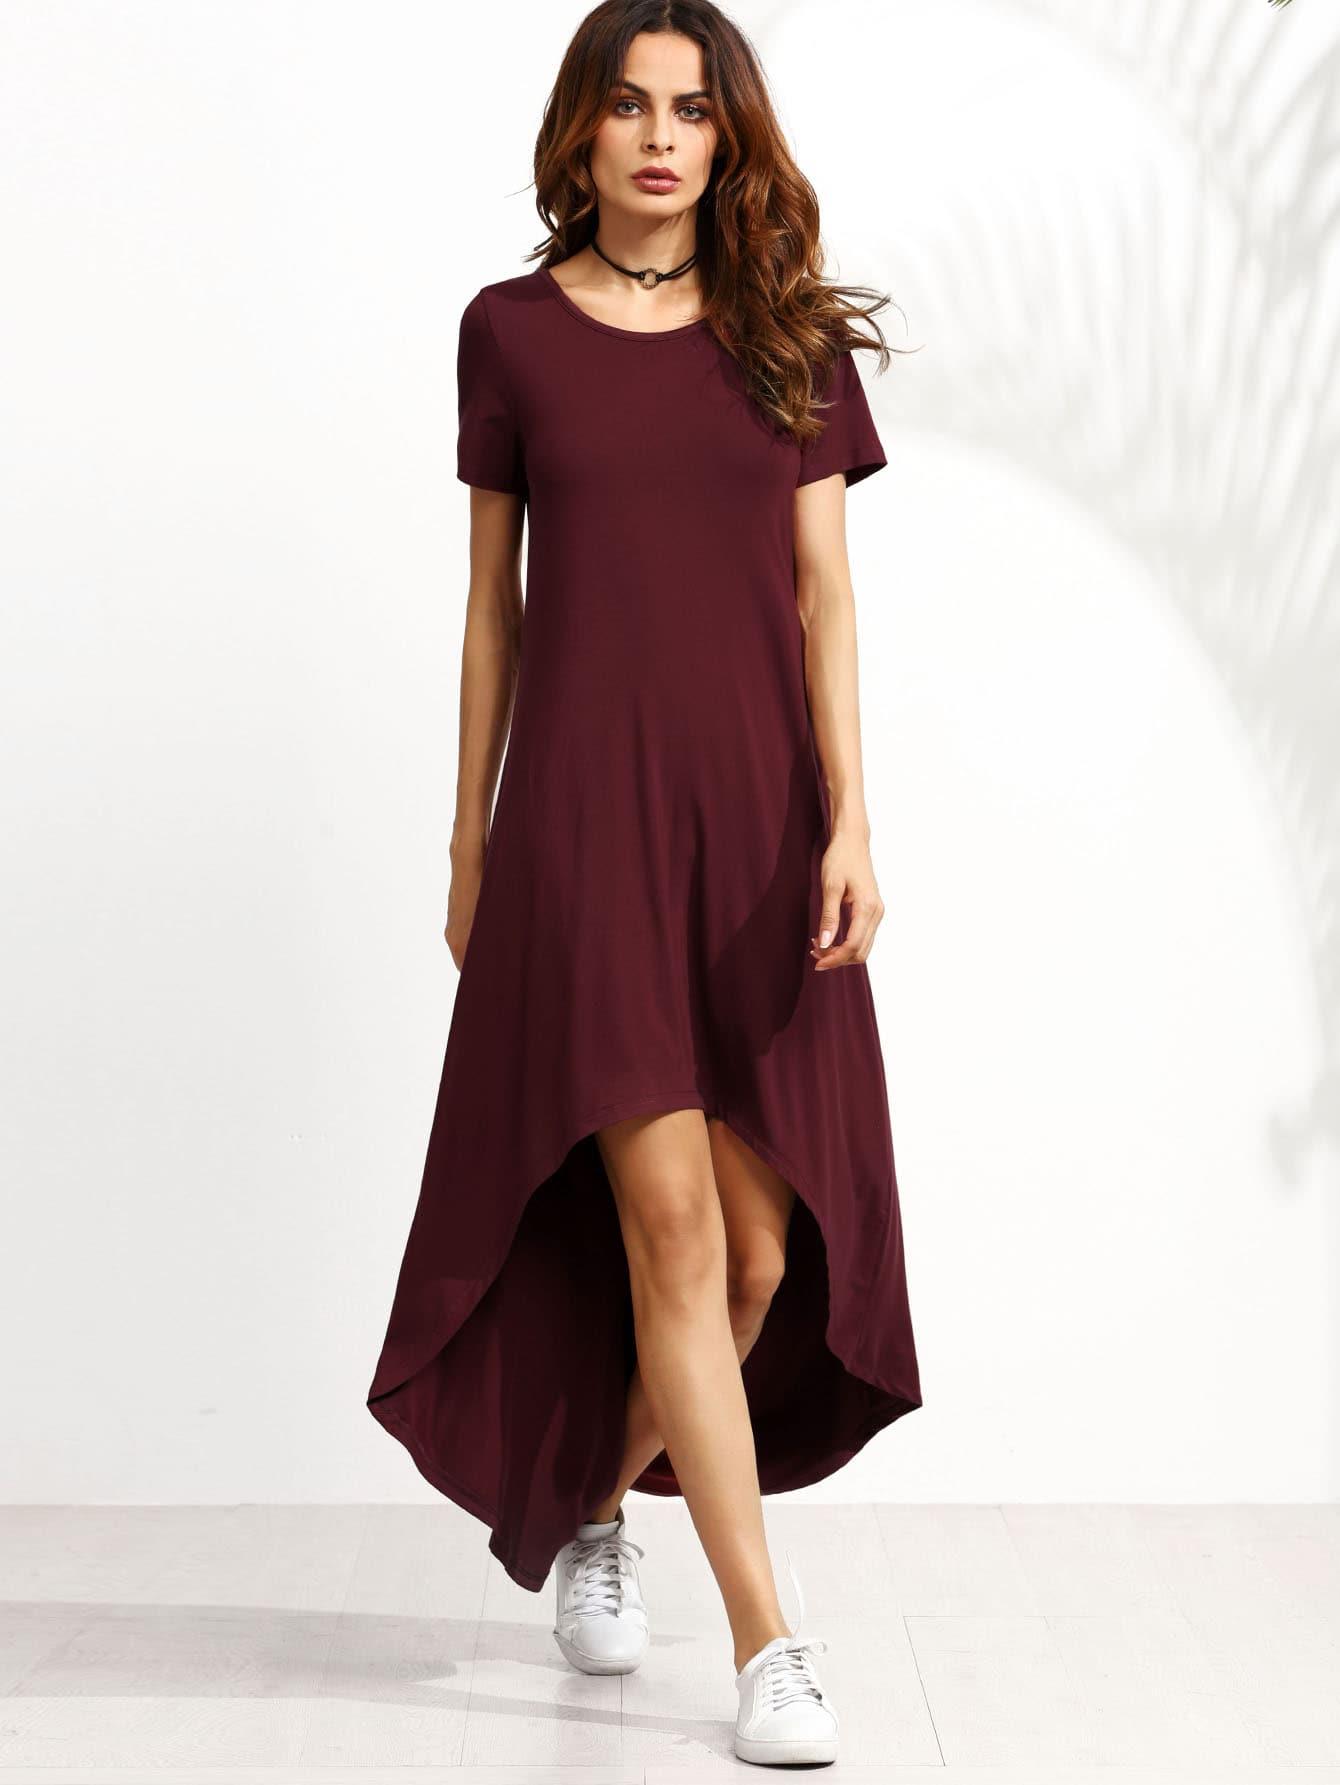 dress160819701_2